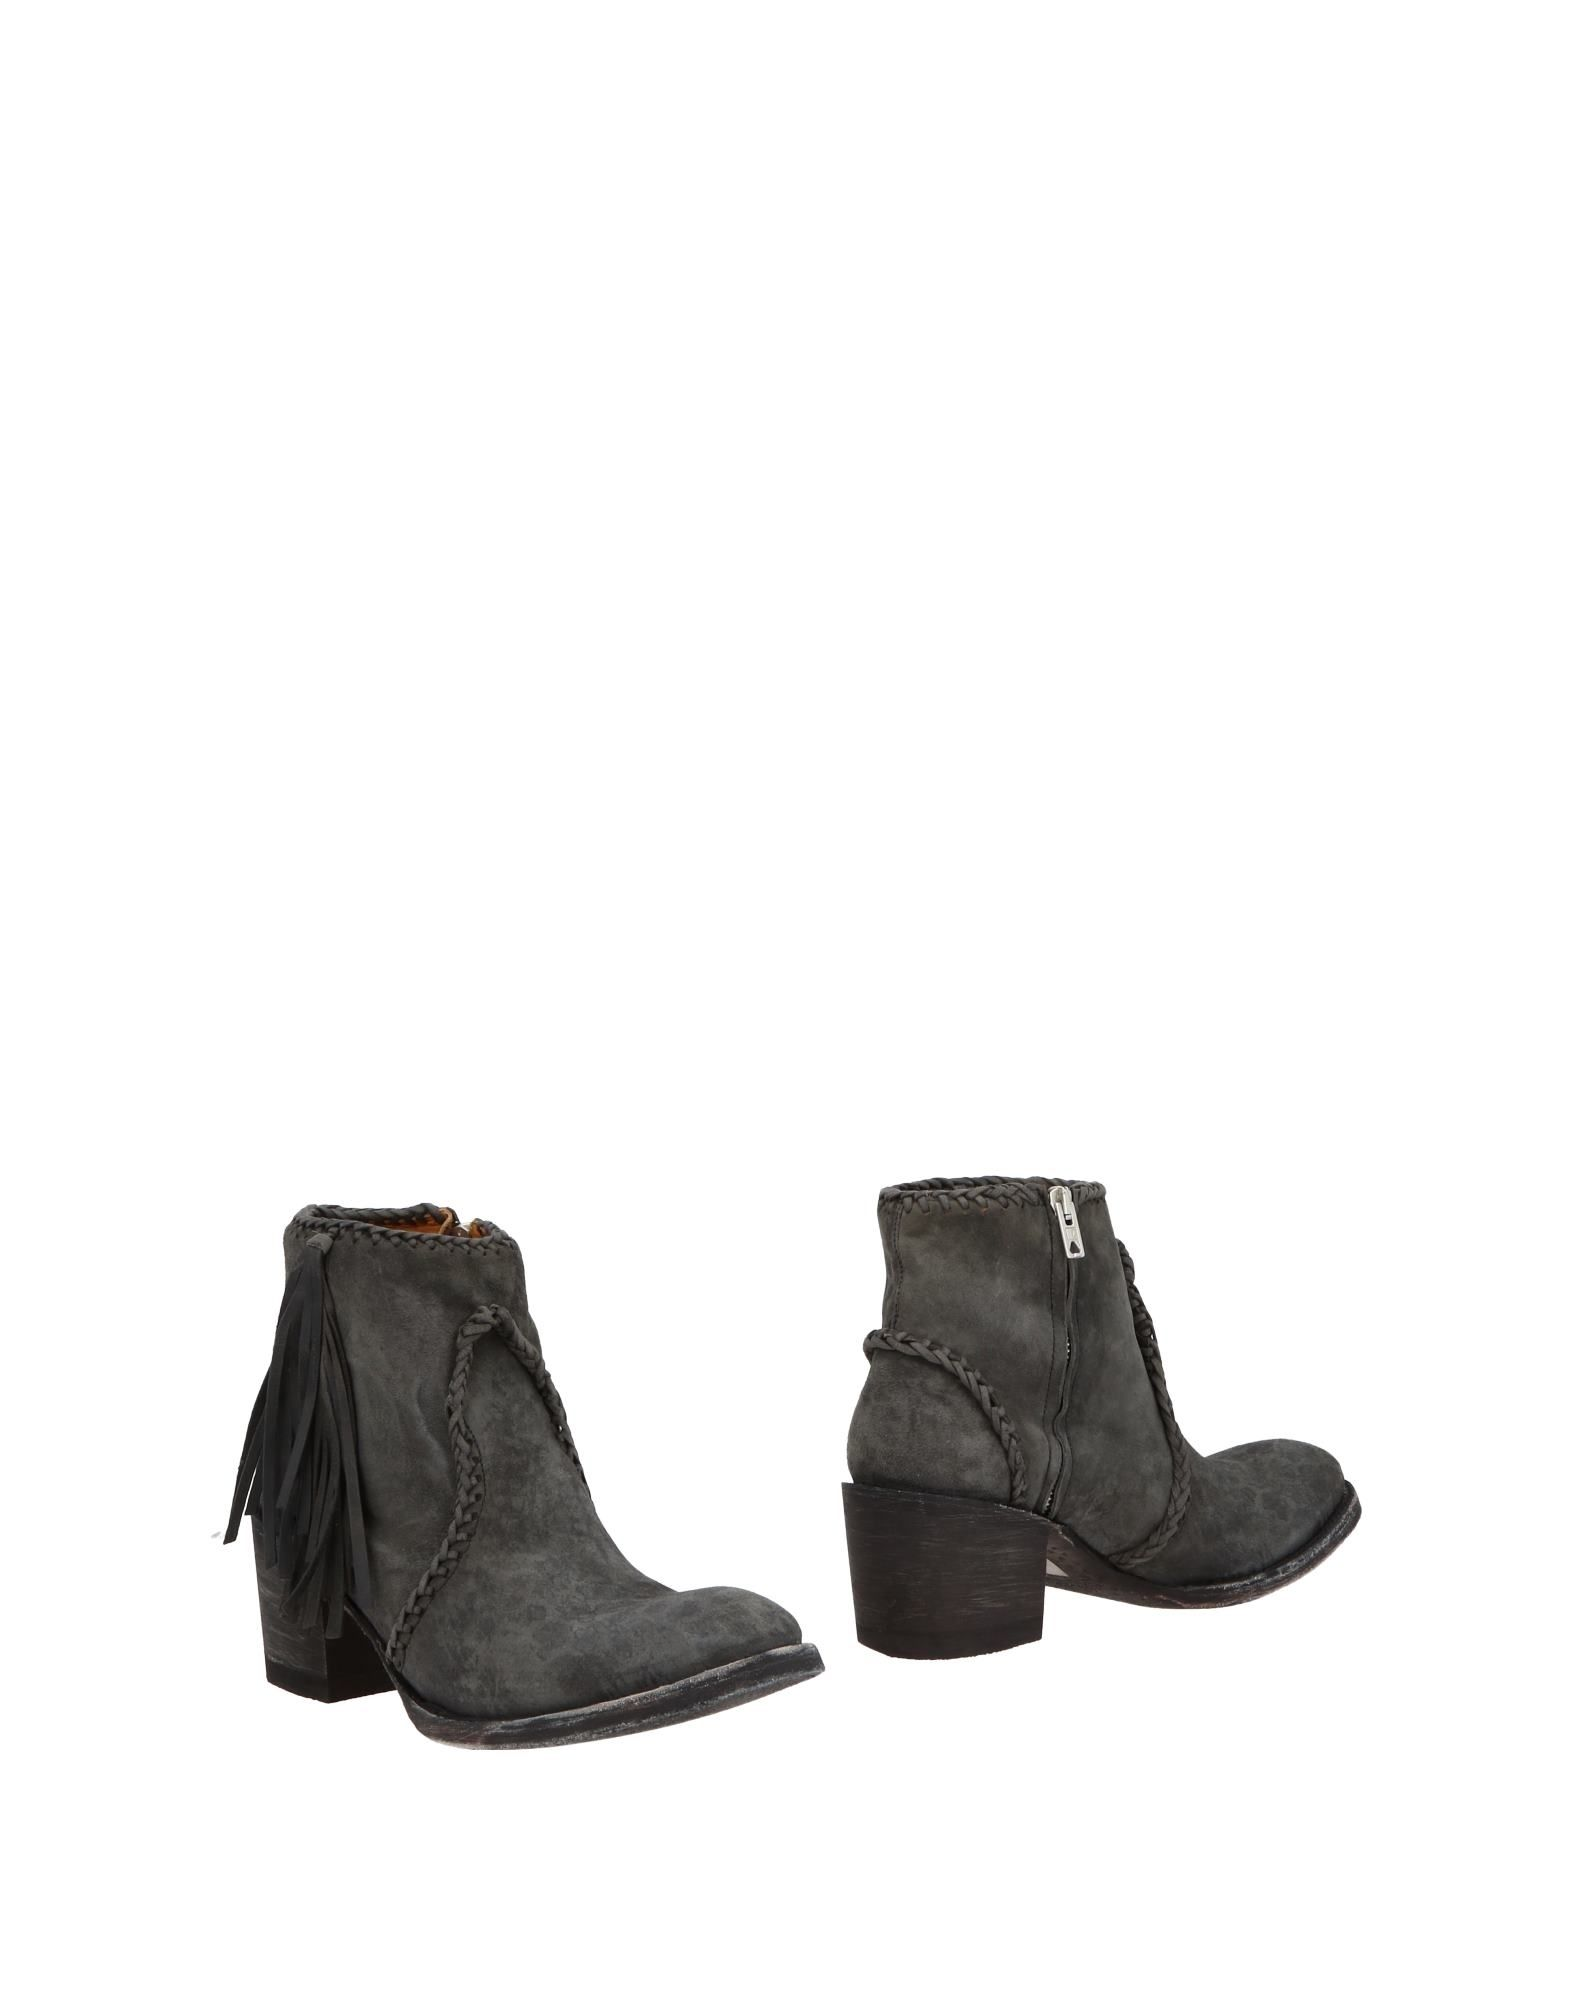 Mexicana Stiefelette Damen  11498801HLGünstige Schuhe gut aussehende Schuhe 11498801HLGünstige 6cb95a